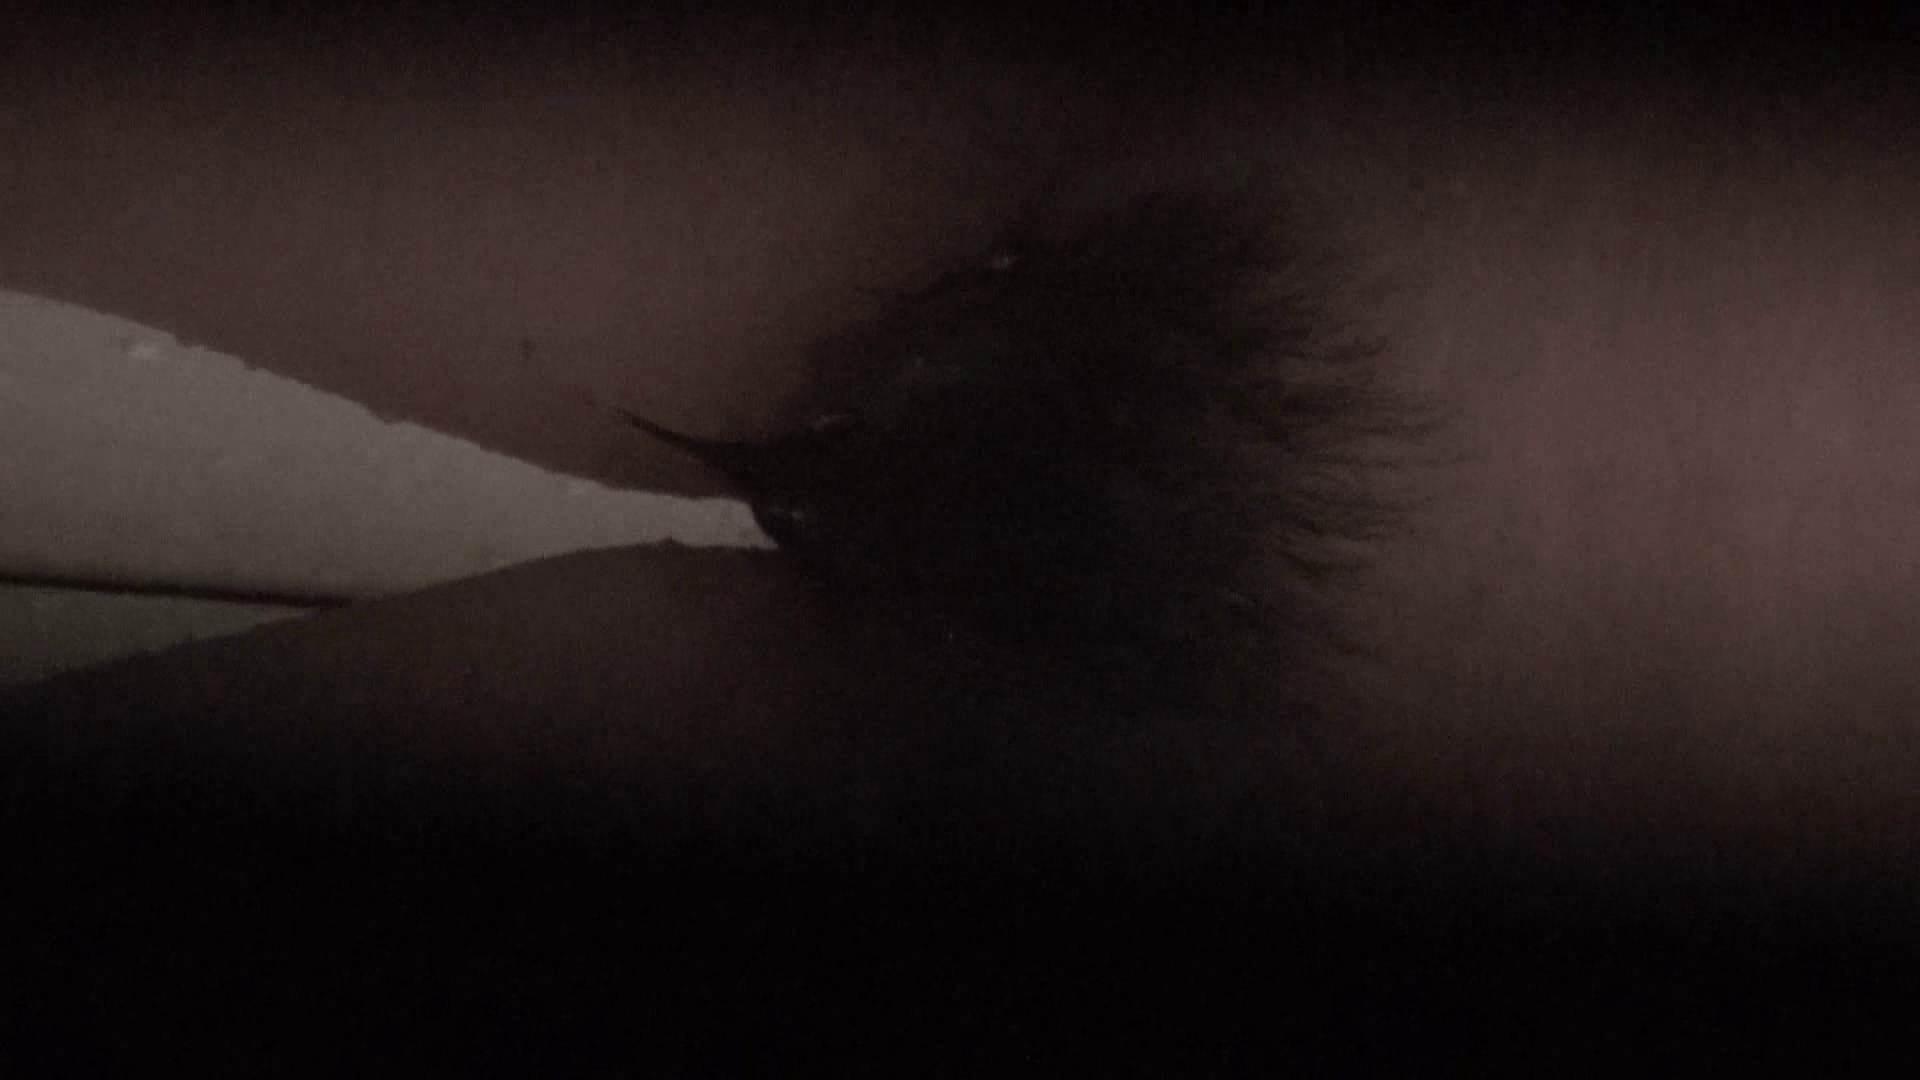 民家の騎士さんの最後の性戦ハイビジョン!!No.63 プライベート 性交動画流出 104画像 19